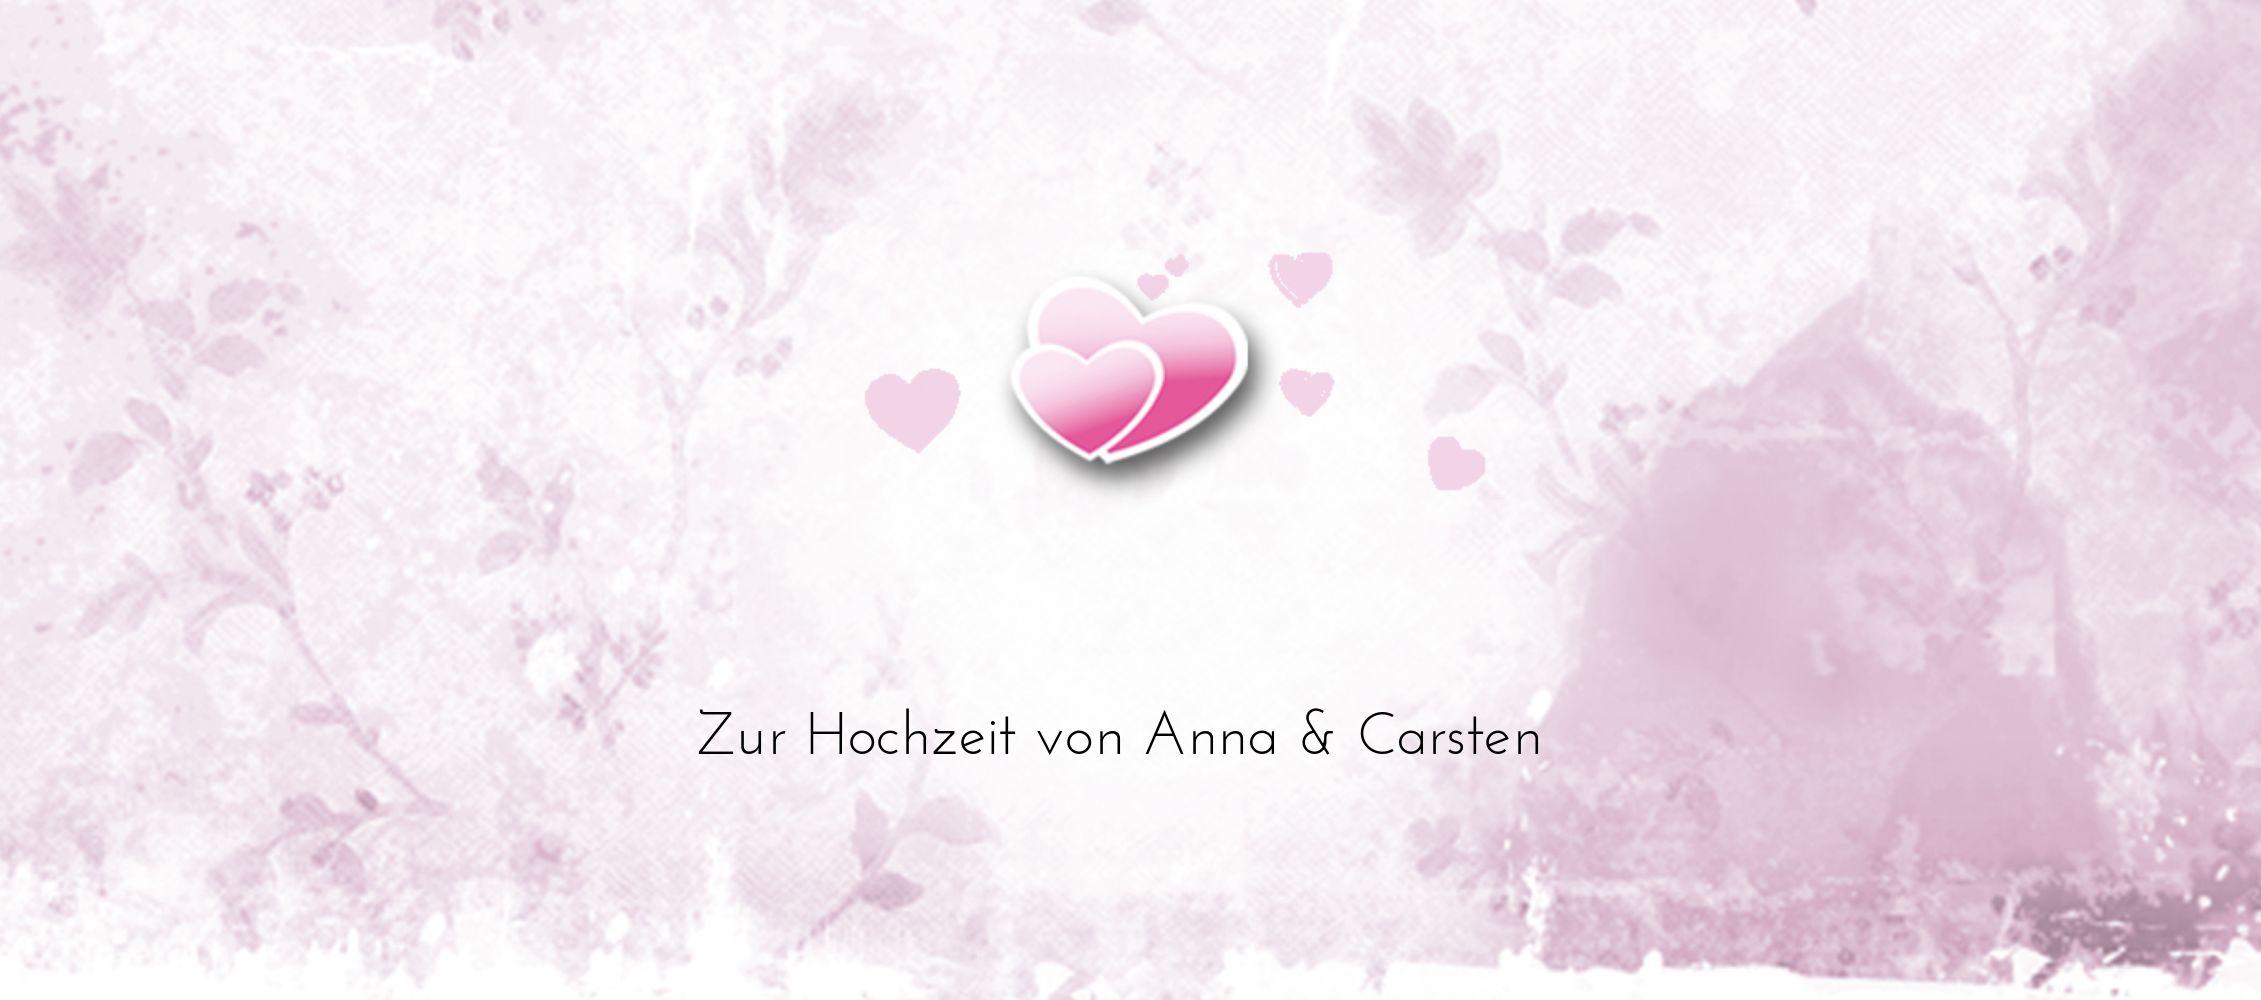 Ansicht 3 - Hochzeit Tischkarte Din romantische Liebe